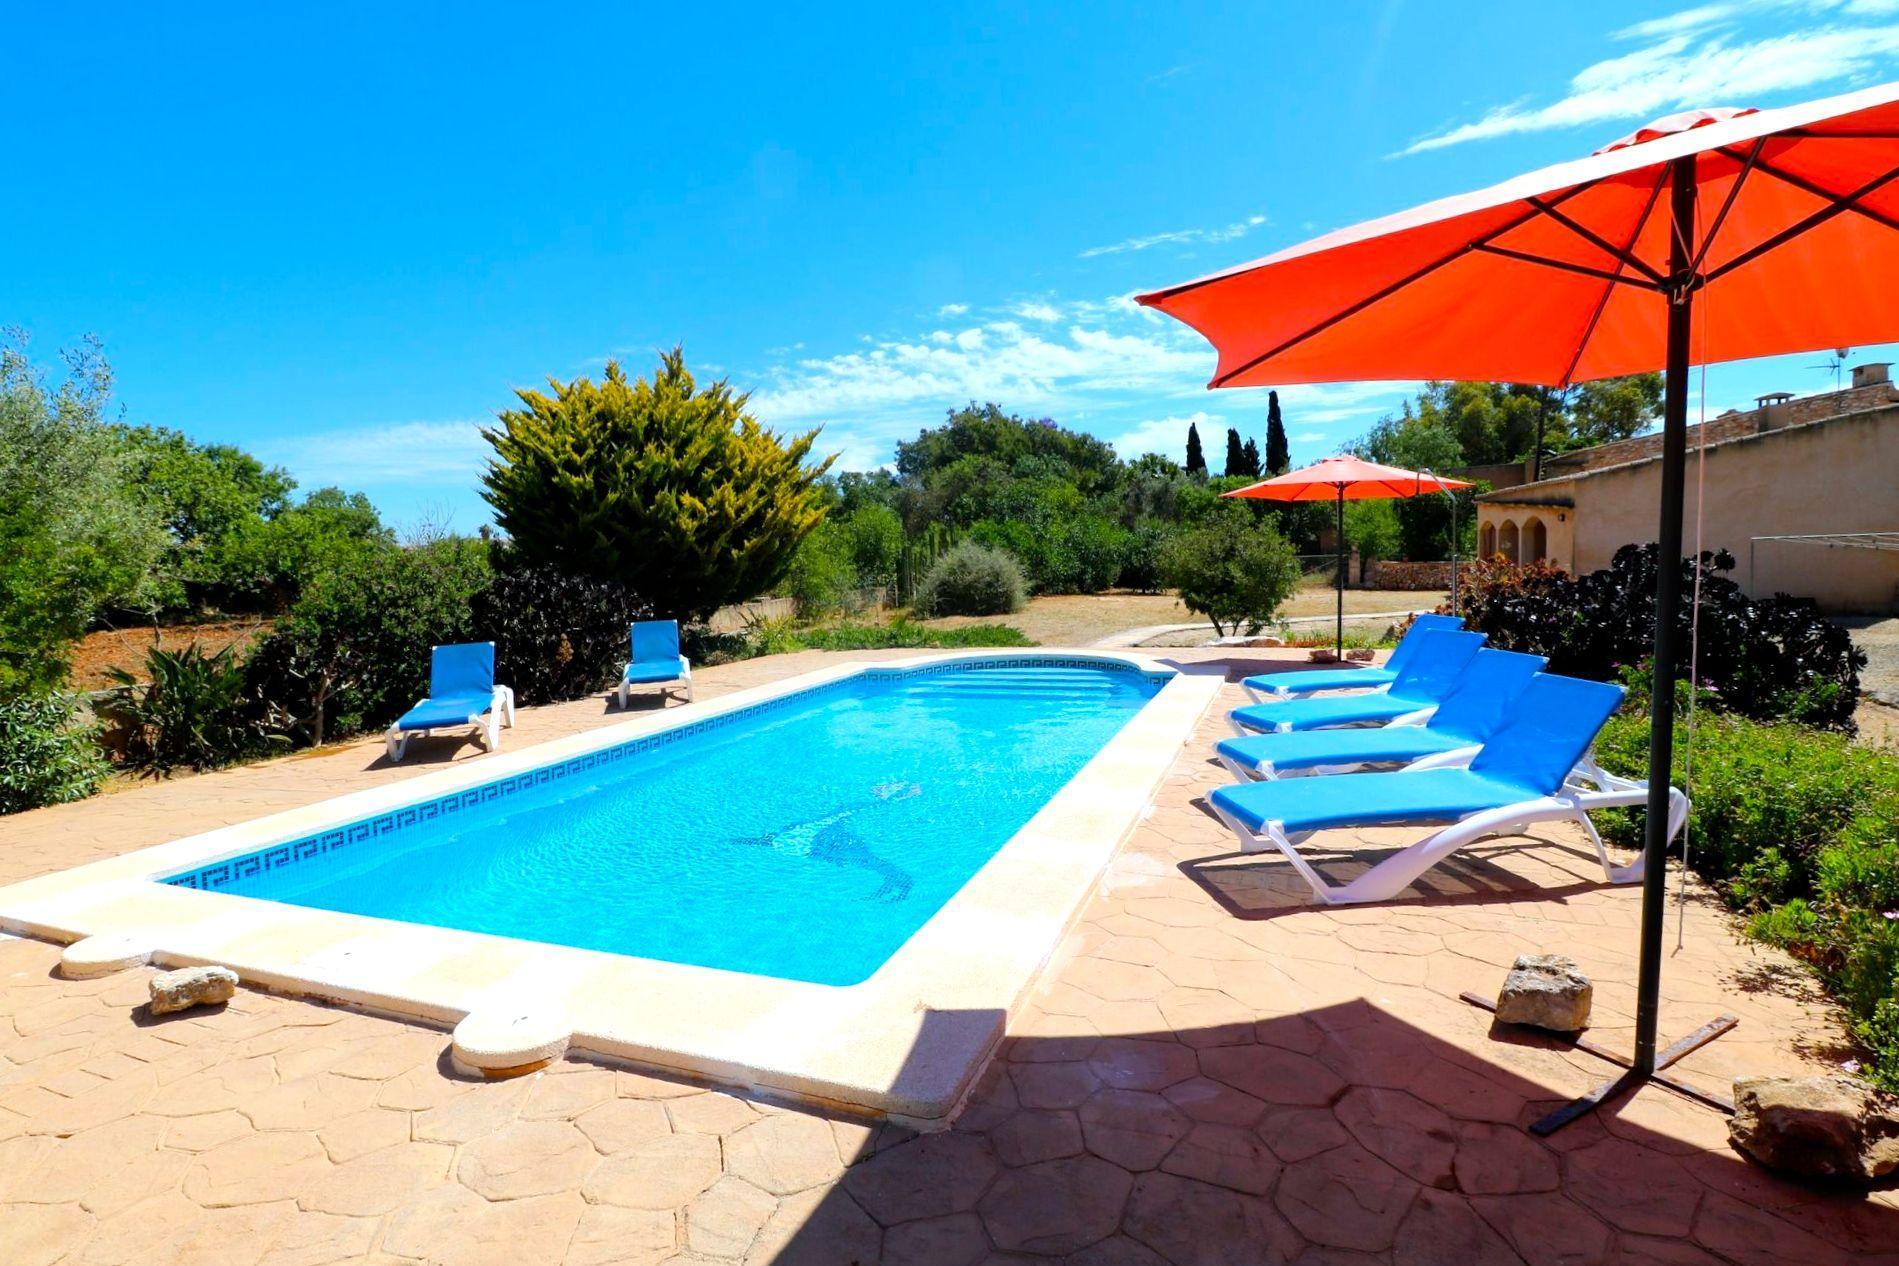 Ferienhaus mit Privatpool für 6 Personen ca 200 m² in Santanyi Mallorca Südostküste von Mallorca